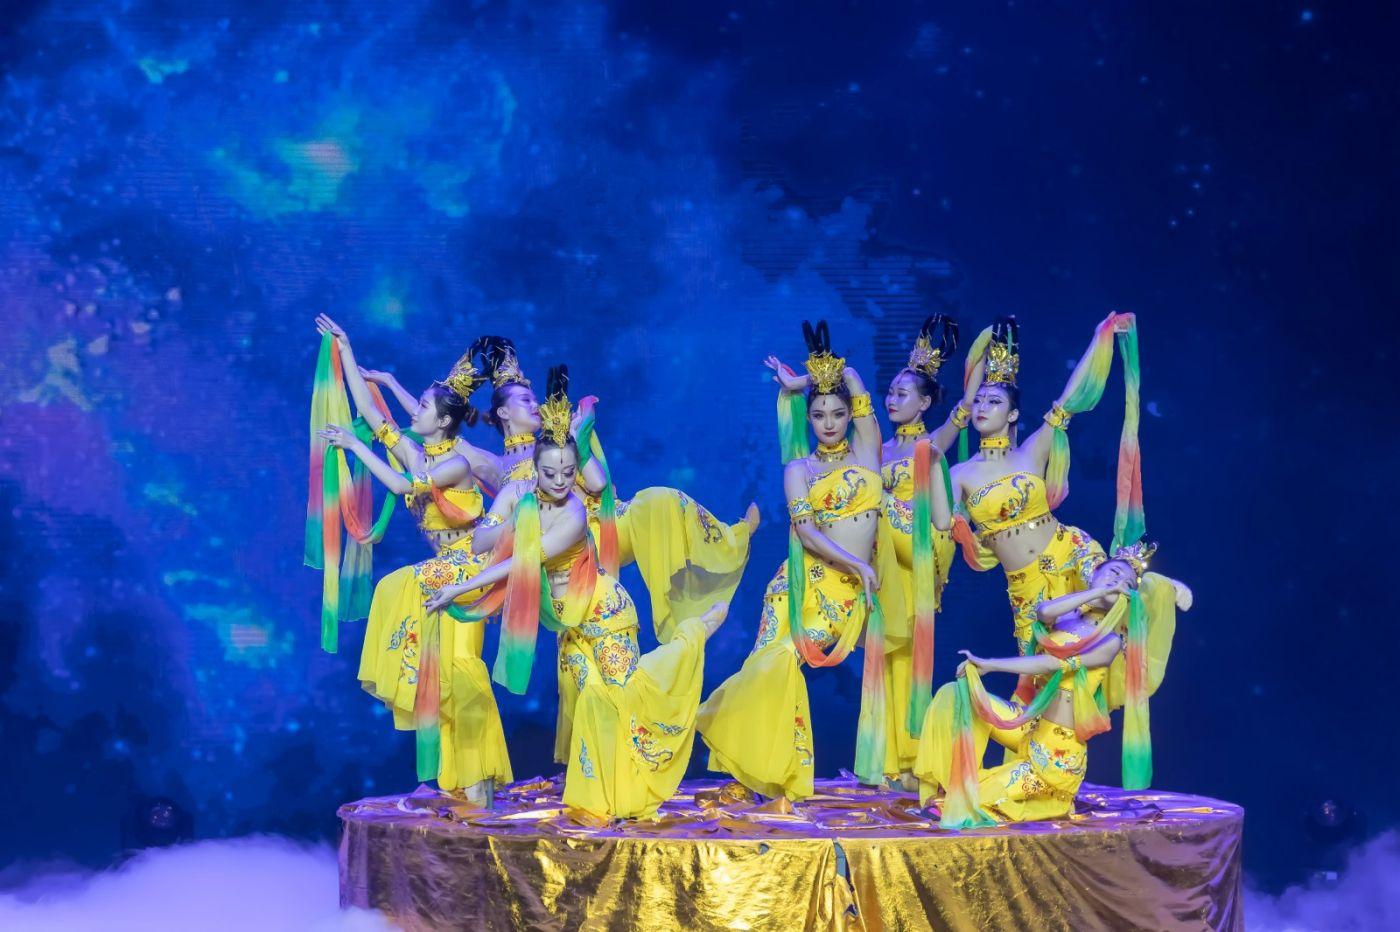 沂蒙大地上 有一种舞蹈叫飞天 这是几位临沂女孩的杰作 美轮美奂 ..._图1-5